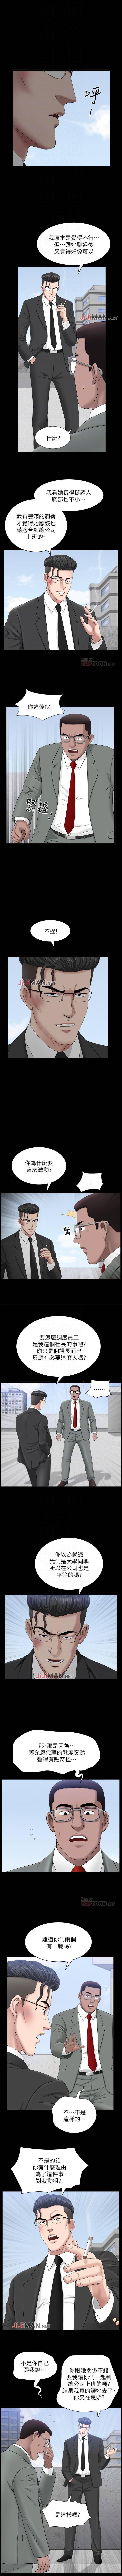 【周日连载】双妻生活(作者:skyso) 第1~23话 146